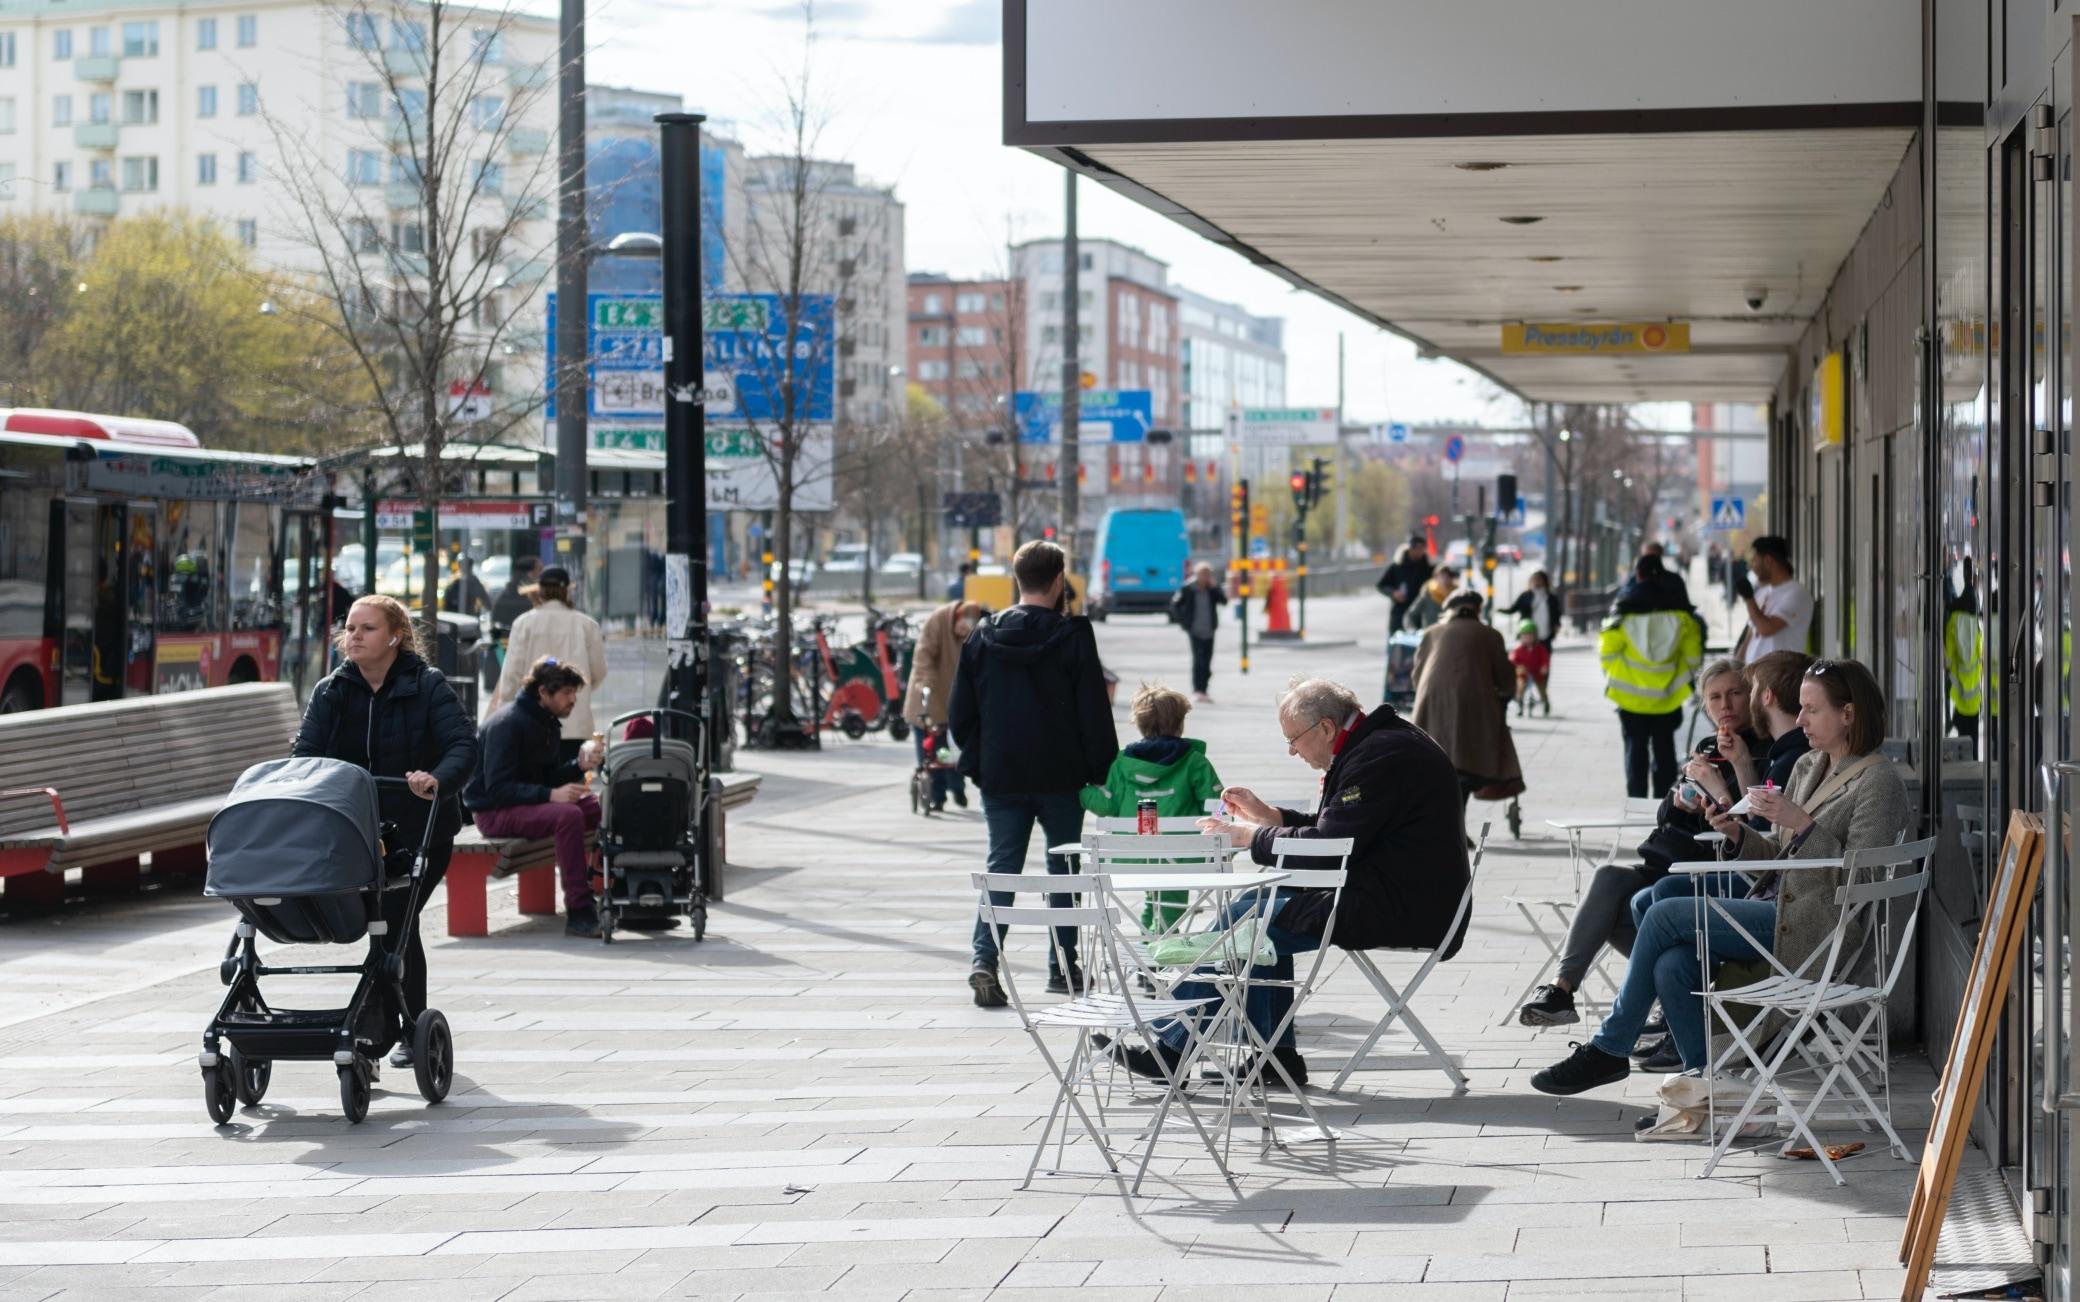 April 20, 2020, Stockholm, SWEDEN: People eat icecream at an outdoor café as others pass by, amid the coronavirus disease (COVID-19) outbreak, in central Stockholm, Sweden, on April 20, 2020...Photo: Ali Lorestani / TT / code 11950 (Credit Image: © Ali Lorestani) (Ali Lorestani/Tt / IPA/Fotogramma, Stockholm - 2020-04-20) p.s. la foto e' utilizzabile nel rispetto del contesto in cui e' stata scattata, e senza intento diffamatorio del decoro delle persone rappresentate